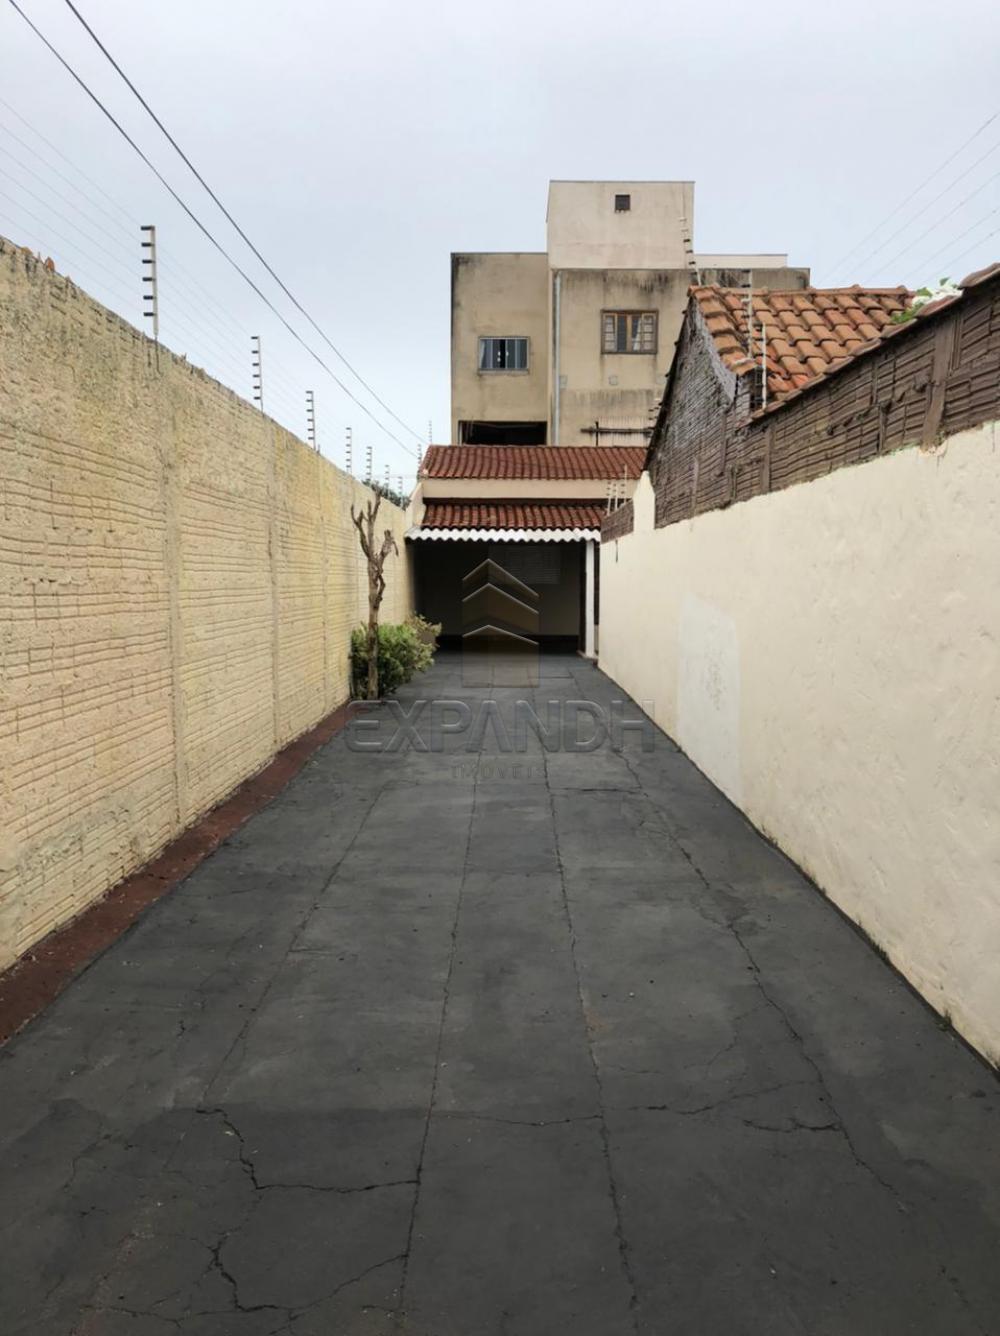 Alugar Casas / Padrão em Sertãozinho R$ 690,00 - Foto 2